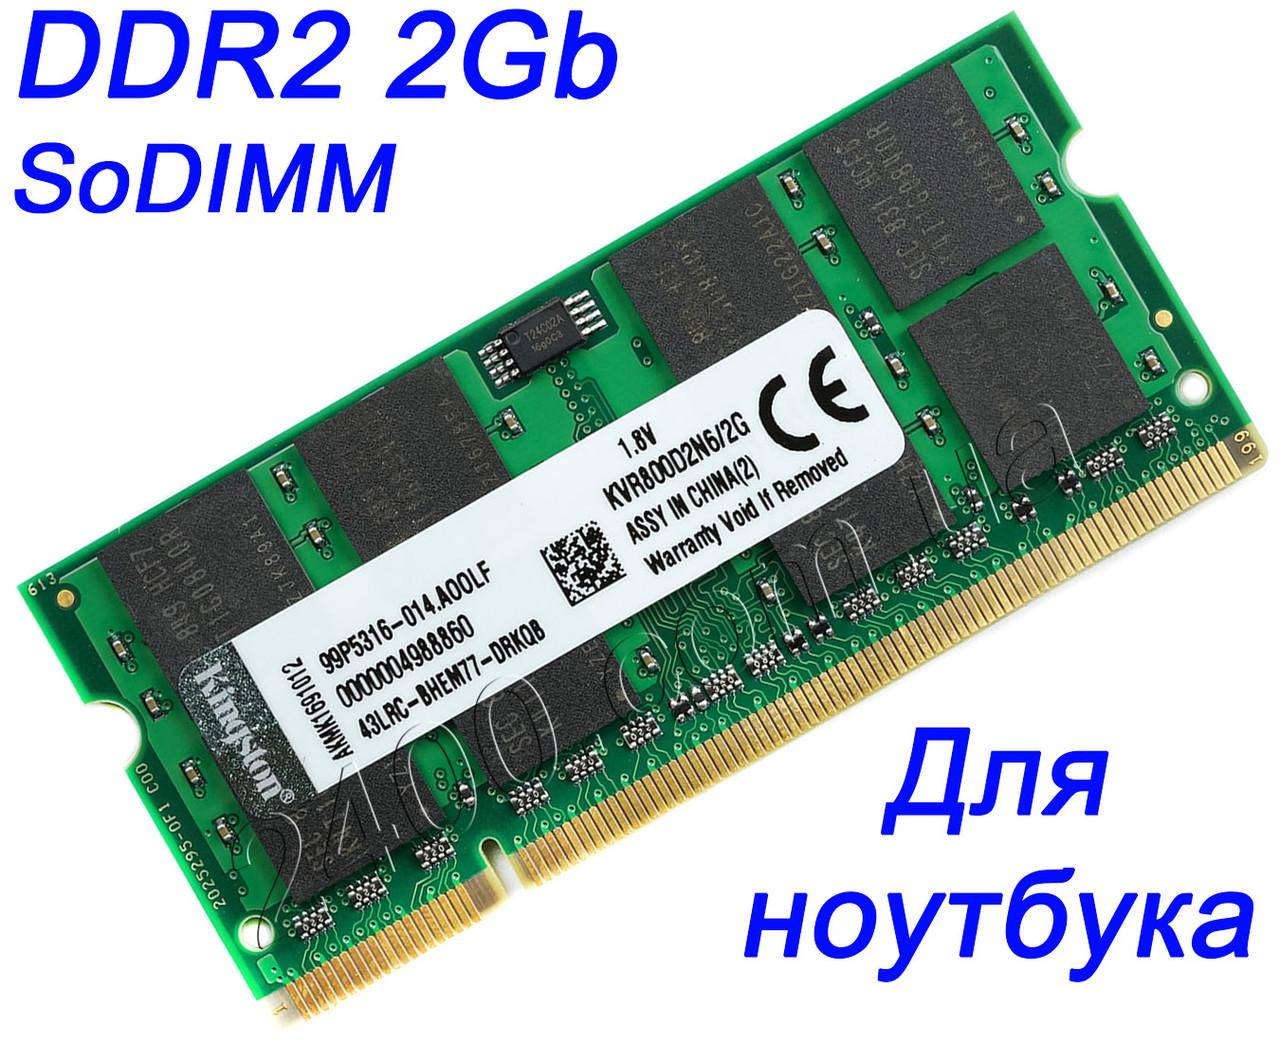 Оперативная память DDR2 2GB (2Гб) SODIMM для ноутбука, ДДР2 2 Гб PC2-6400 800MHz 2048MB KVR800D2N6/2G (2 GB)